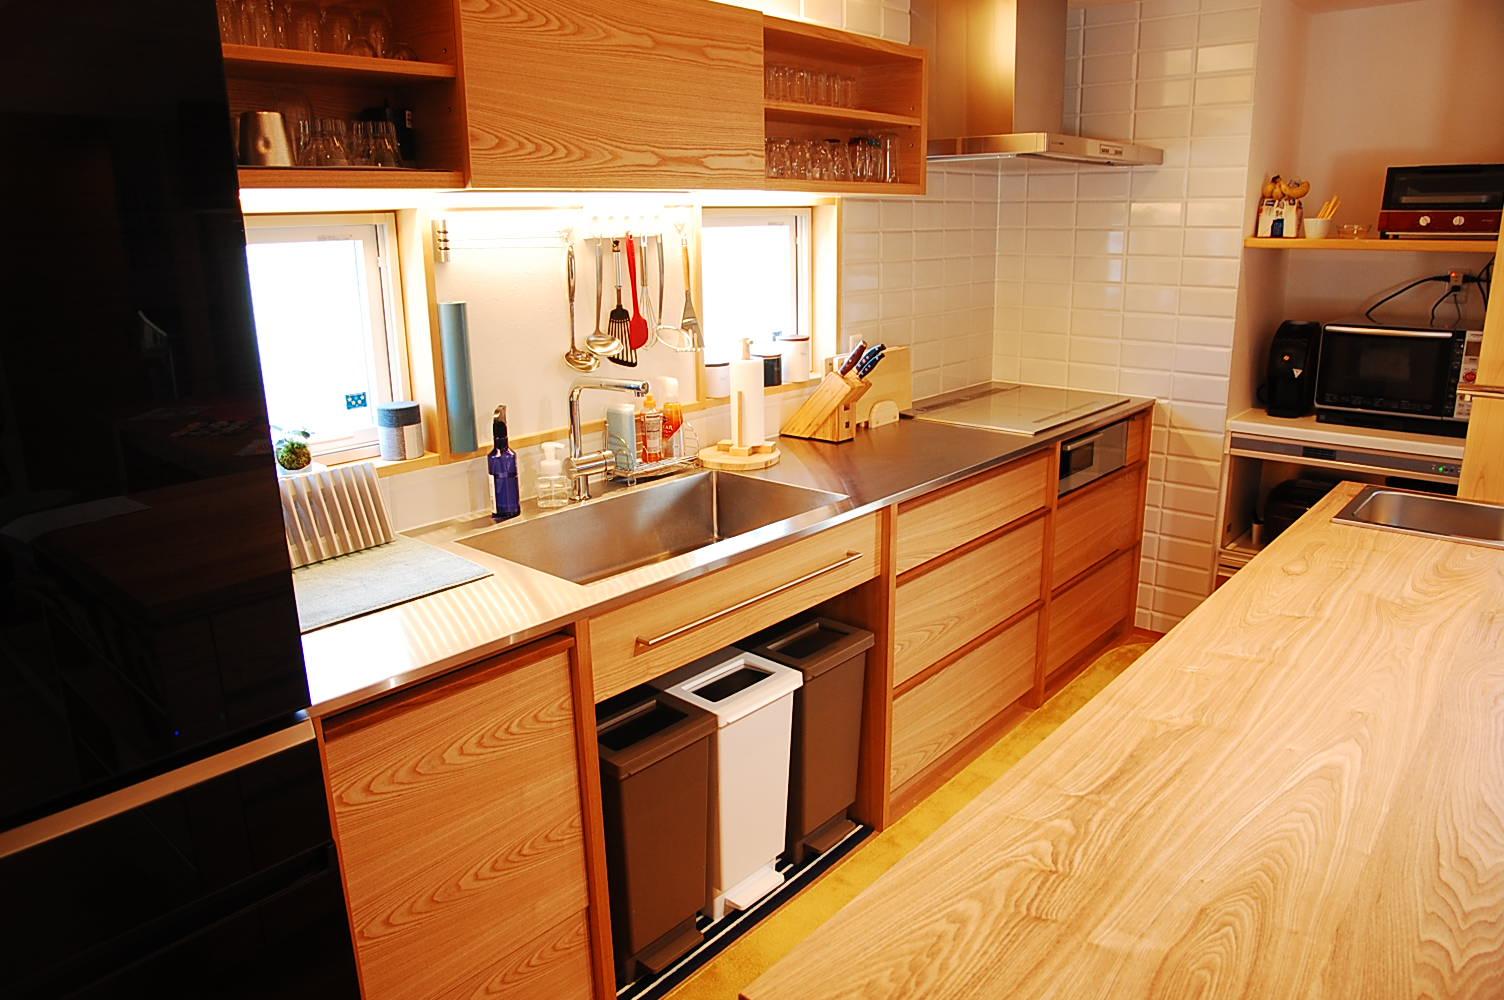 K邸_ステンレスカウンタータモI型キッチン